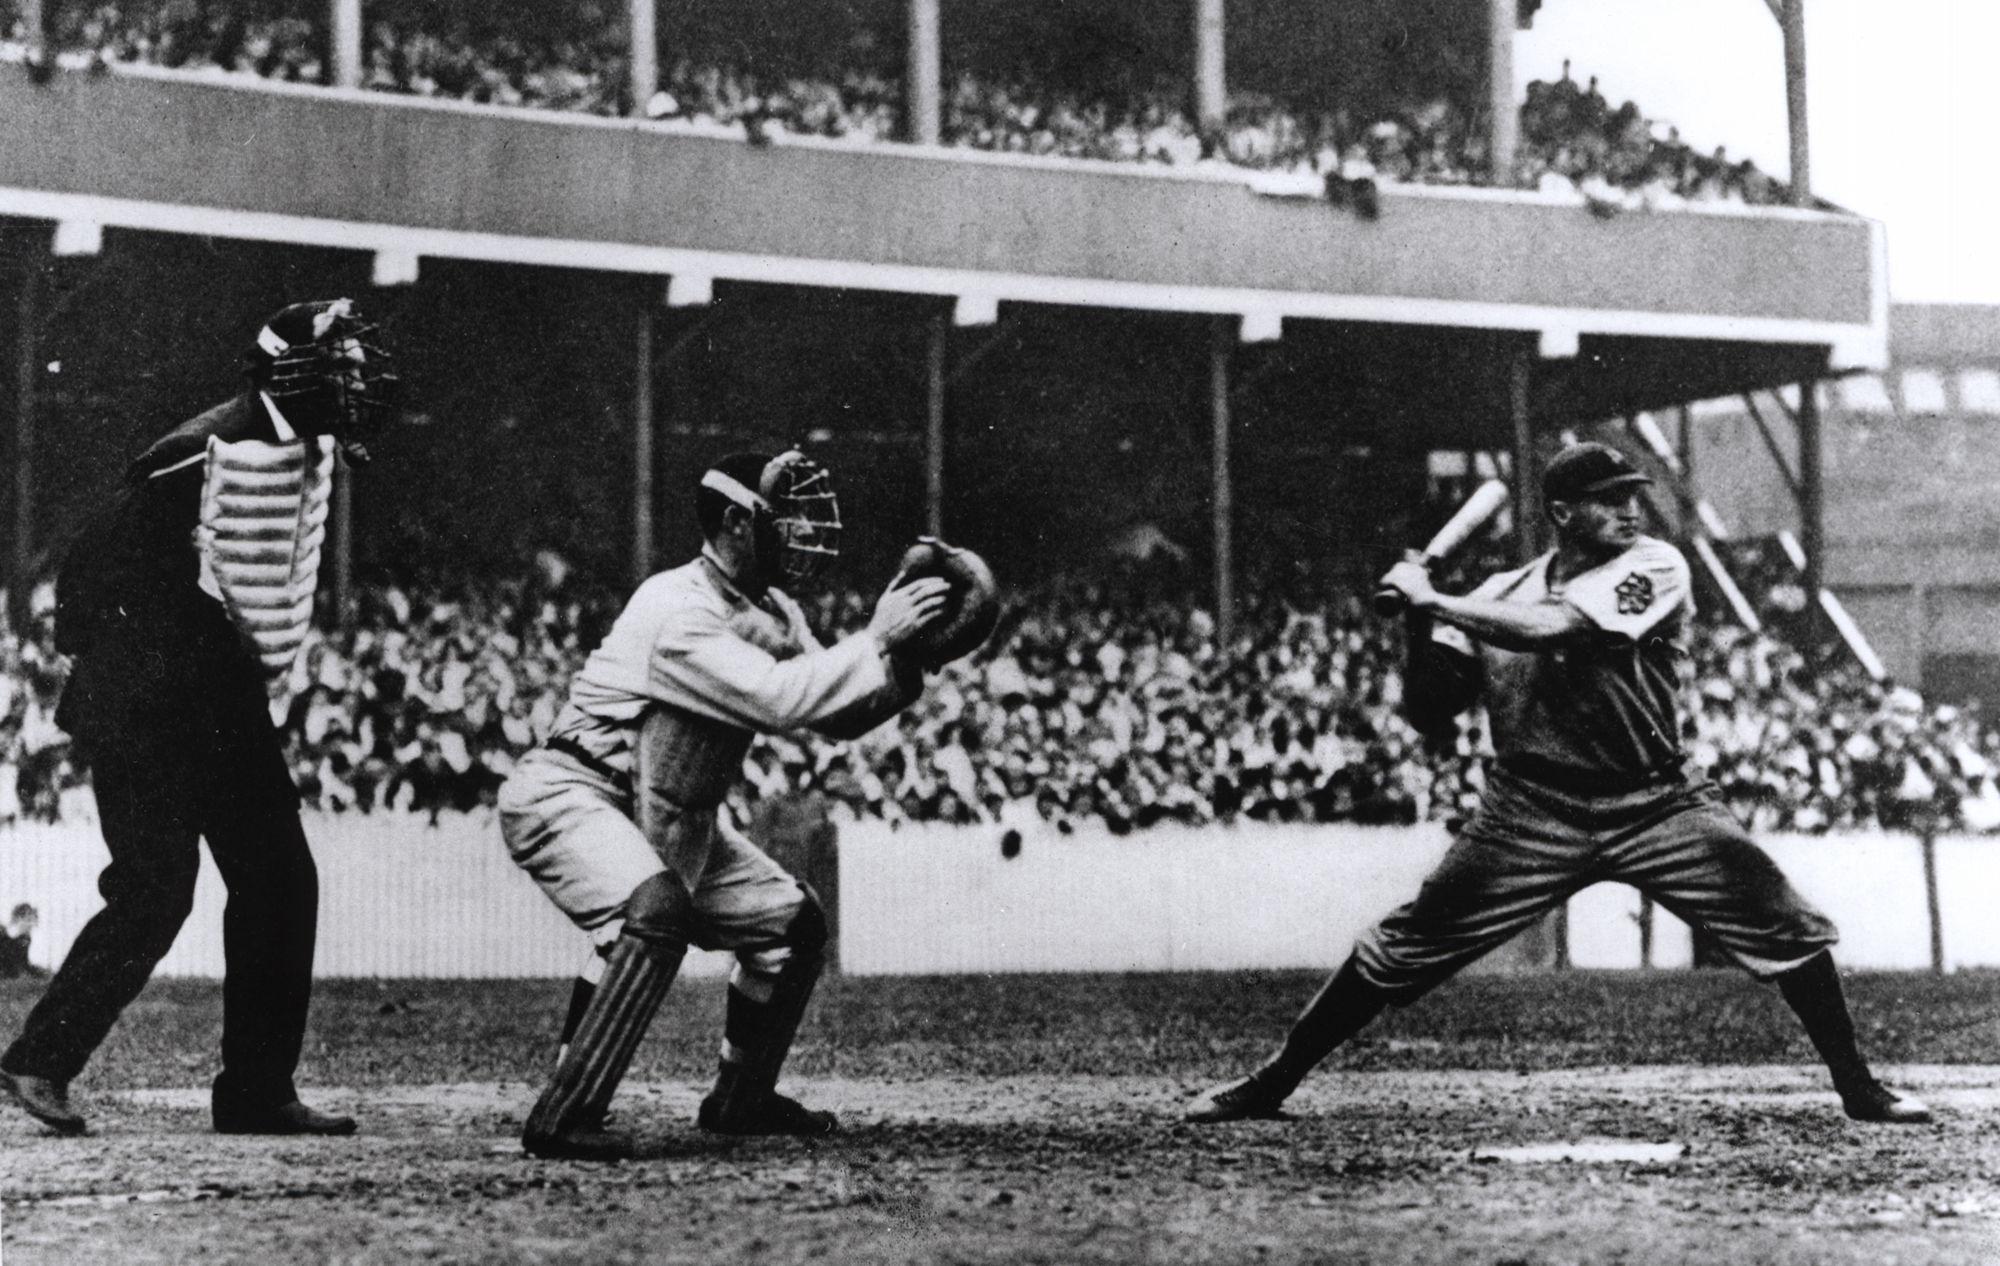 Wagner Honus Baseball Hall Of Fame